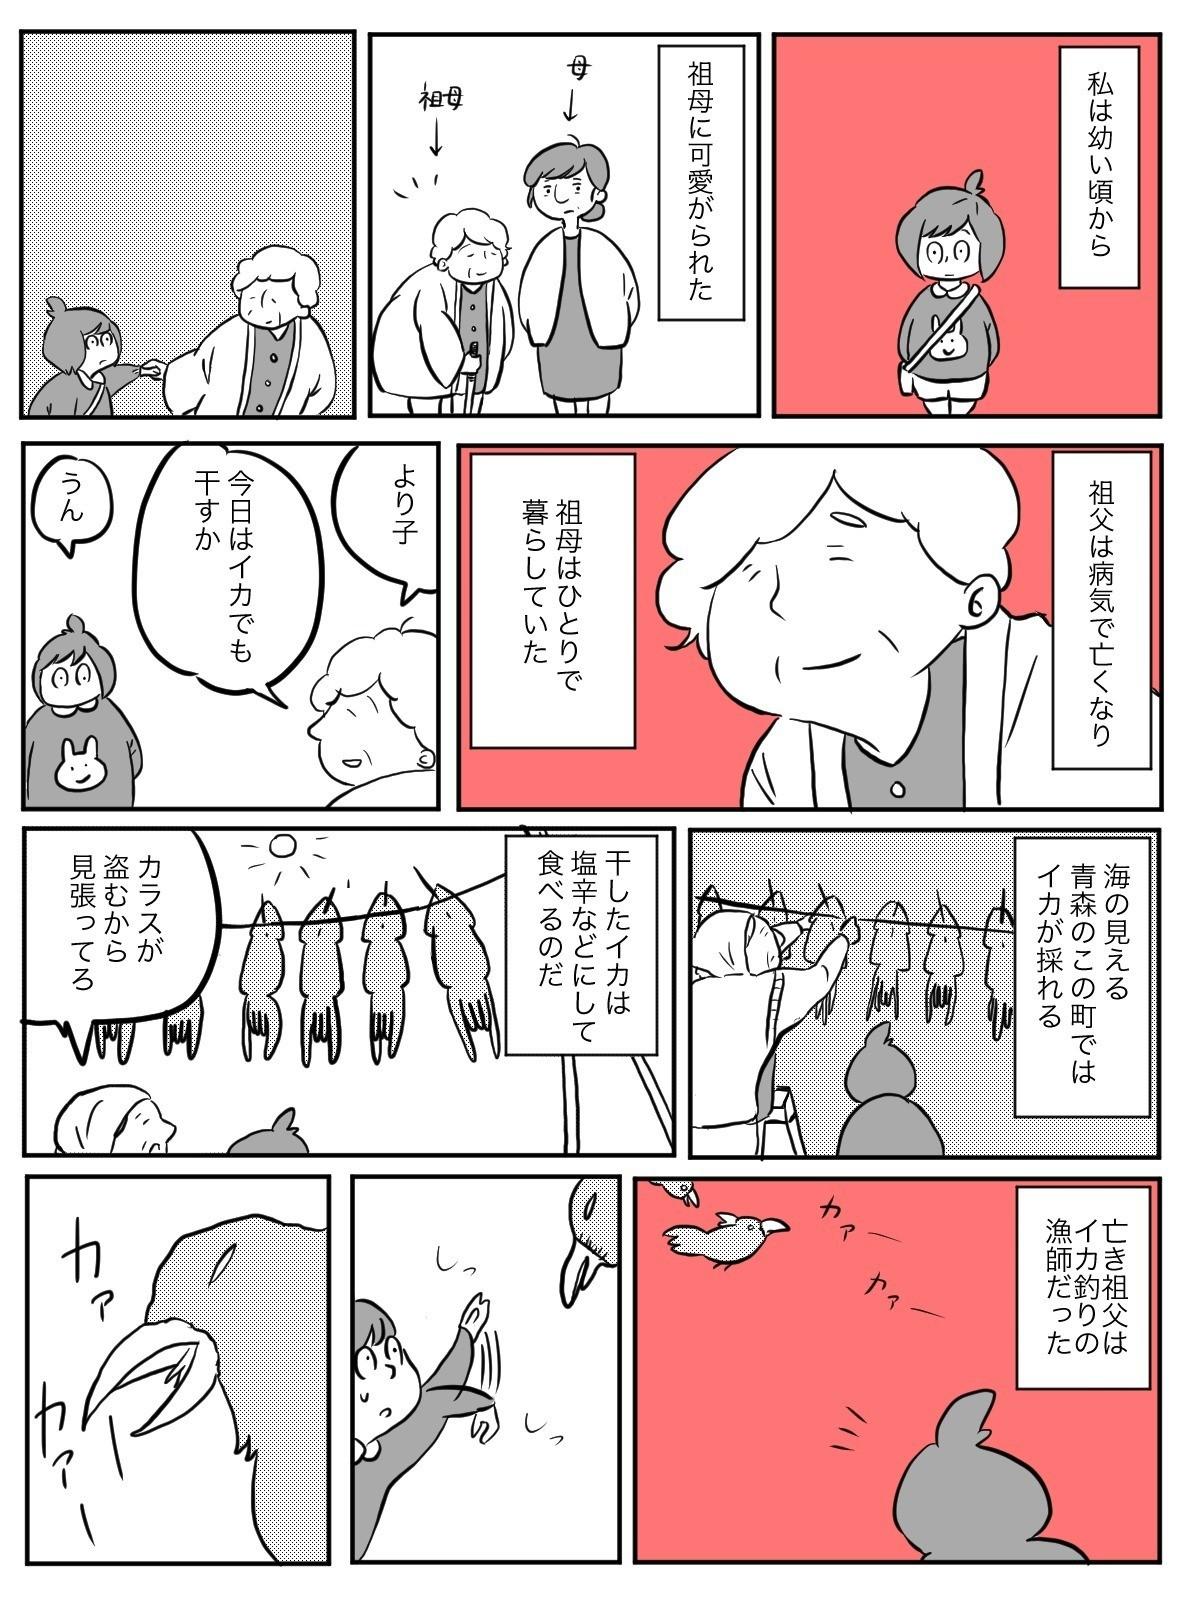 イラスト_出力_001